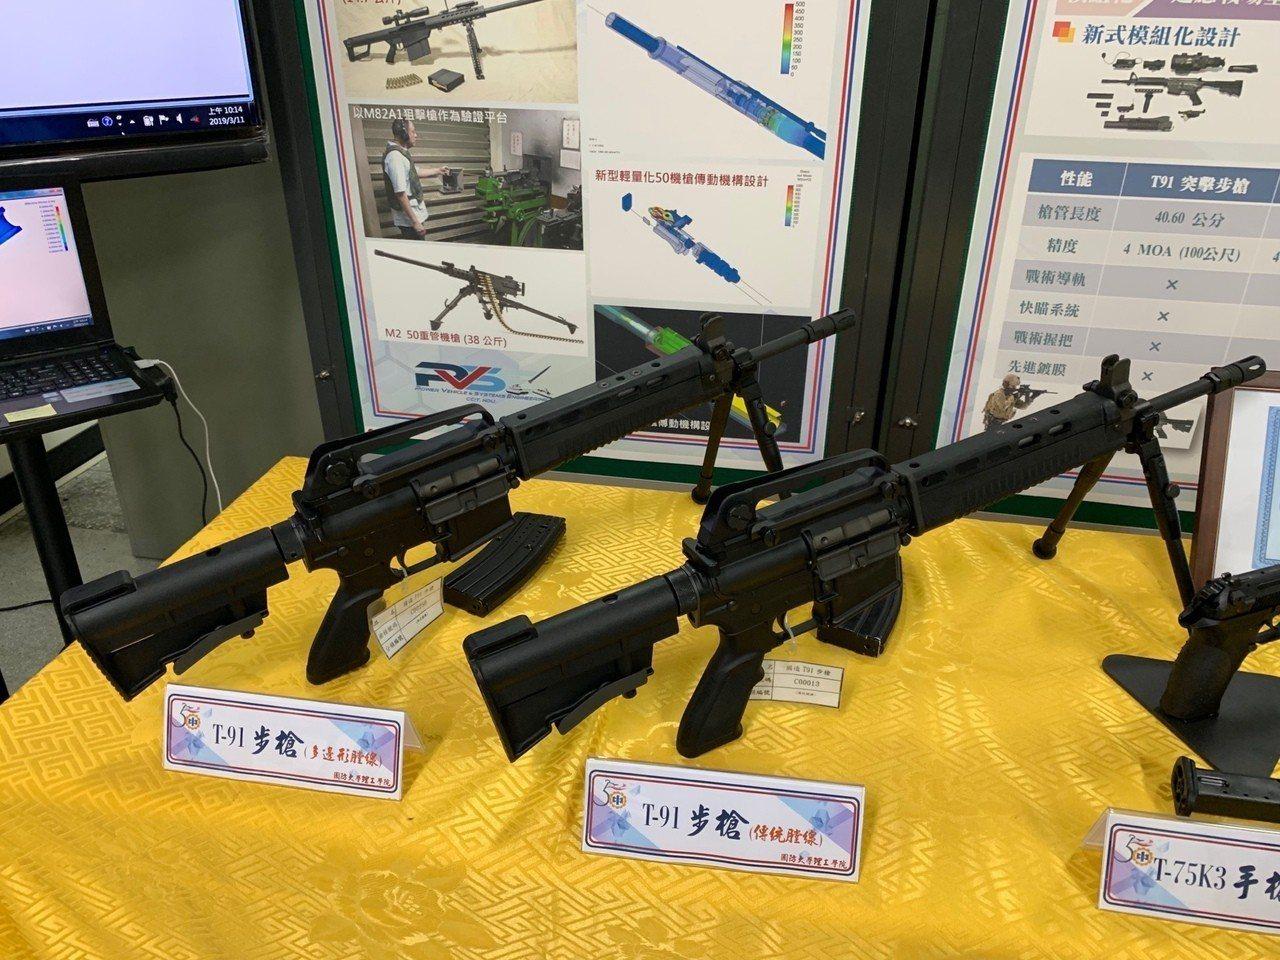 國防部今年會將有「鎳硼槍枝鍍膜」的槍隻巡迴部隊提供官兵體驗,規劃小批量產,而未來...